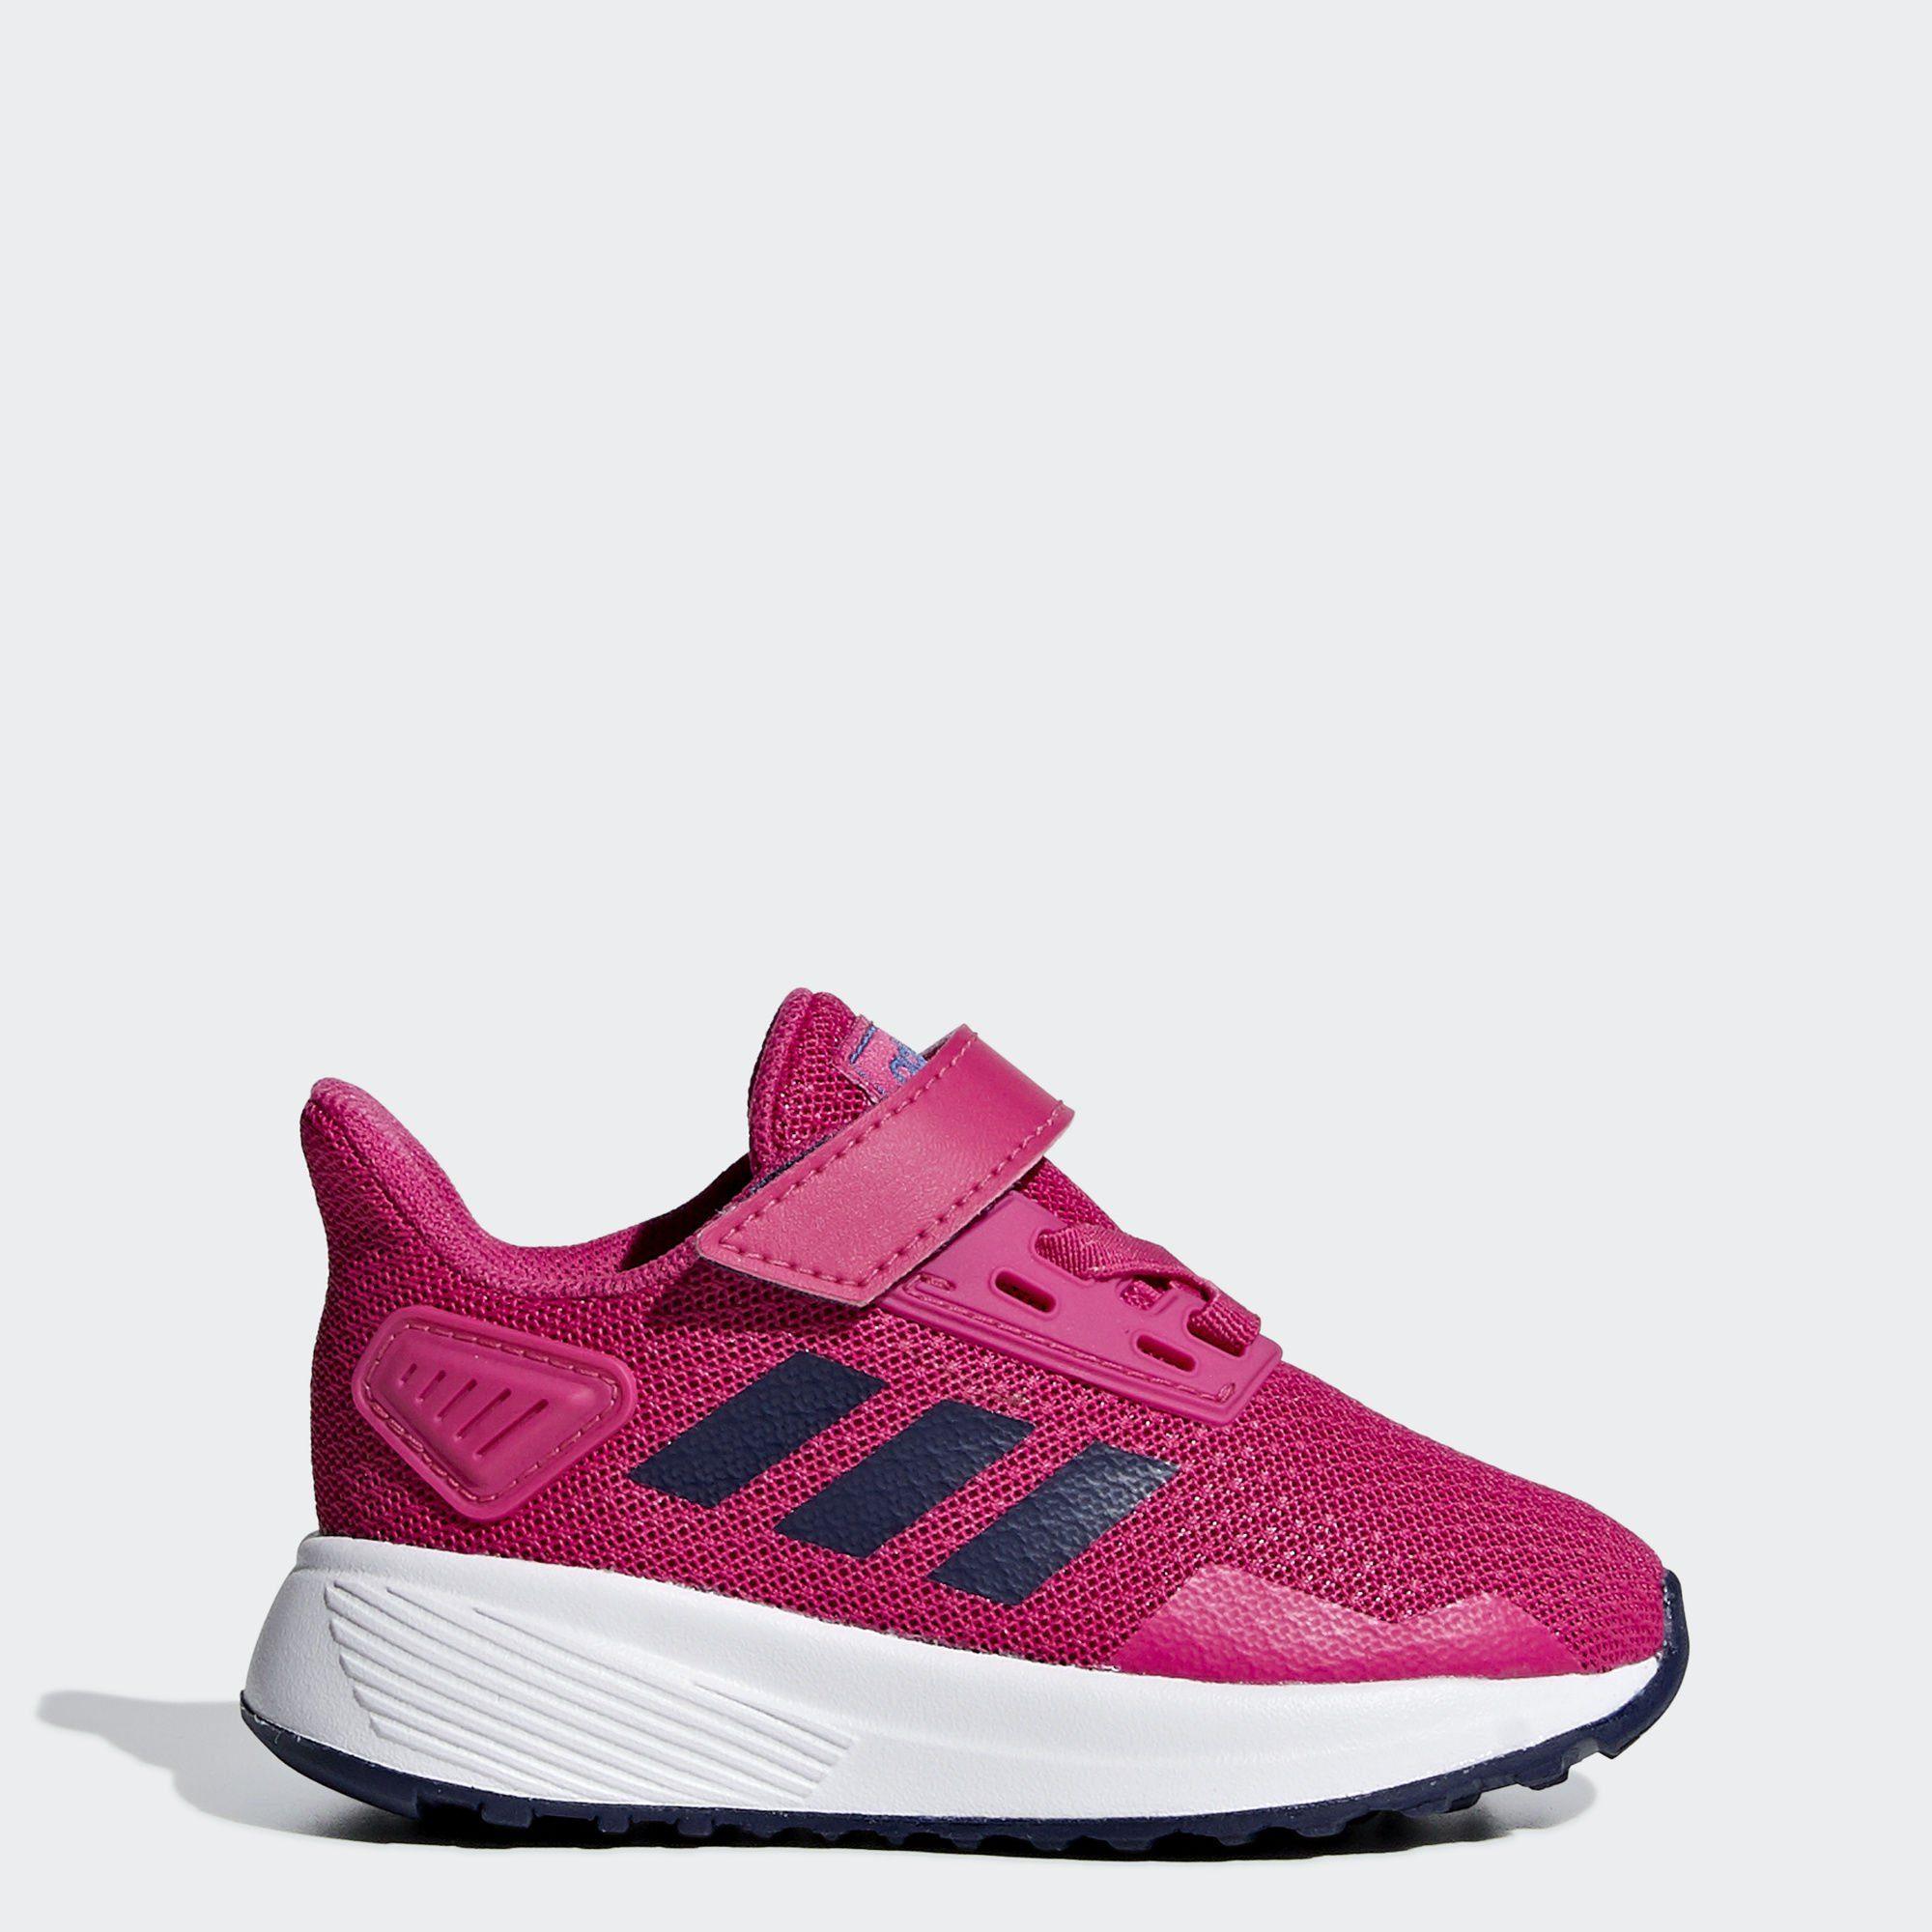 separation shoes 3f9d1 1b0e3 adidas duramo 9 schuh